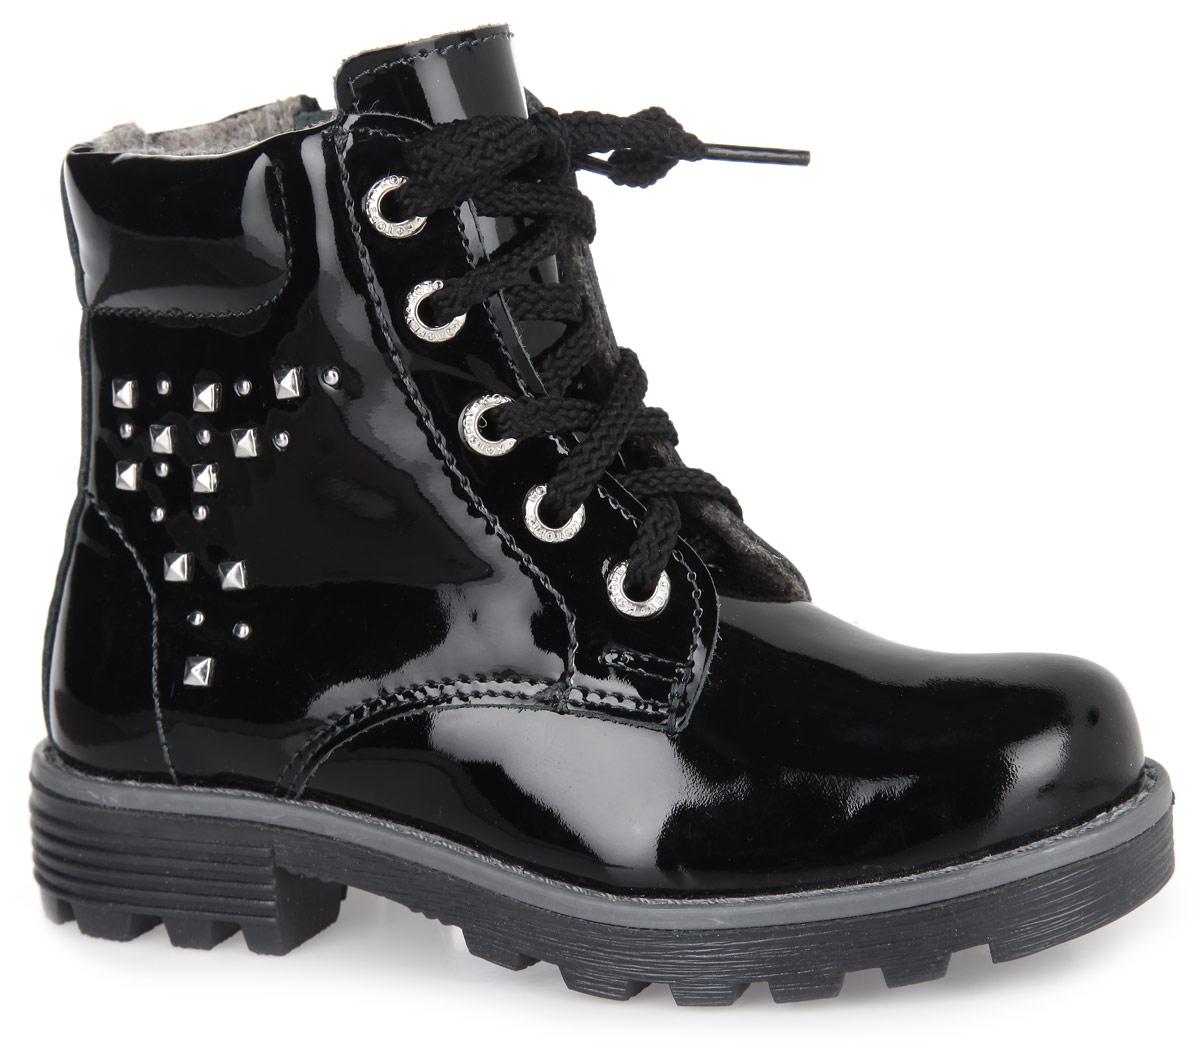 Ботинки для девочки. 552043-32552043-32Стильные ботинки от Котофей придутся по душе вашей девочке. Модель, выполненная из натуральной лакированной кожи, оформлена вдоль ранта крупной прострочкой, сбоку - металлическими заклепками. Подкладка и стелька из байки не дадут ногам замерзнуть. Удобная боковая застежка-молния позволяет легко обувать и снимать ботинки, а функциональная шнуровка обеспечит идеальную фиксацию обуви на ноге. Подошва и каблук с протектором гарантируют оптимальное сцепление с поверхностью. Удобная колодка обеспечивает комфорт во время долгих осенних прогулок.